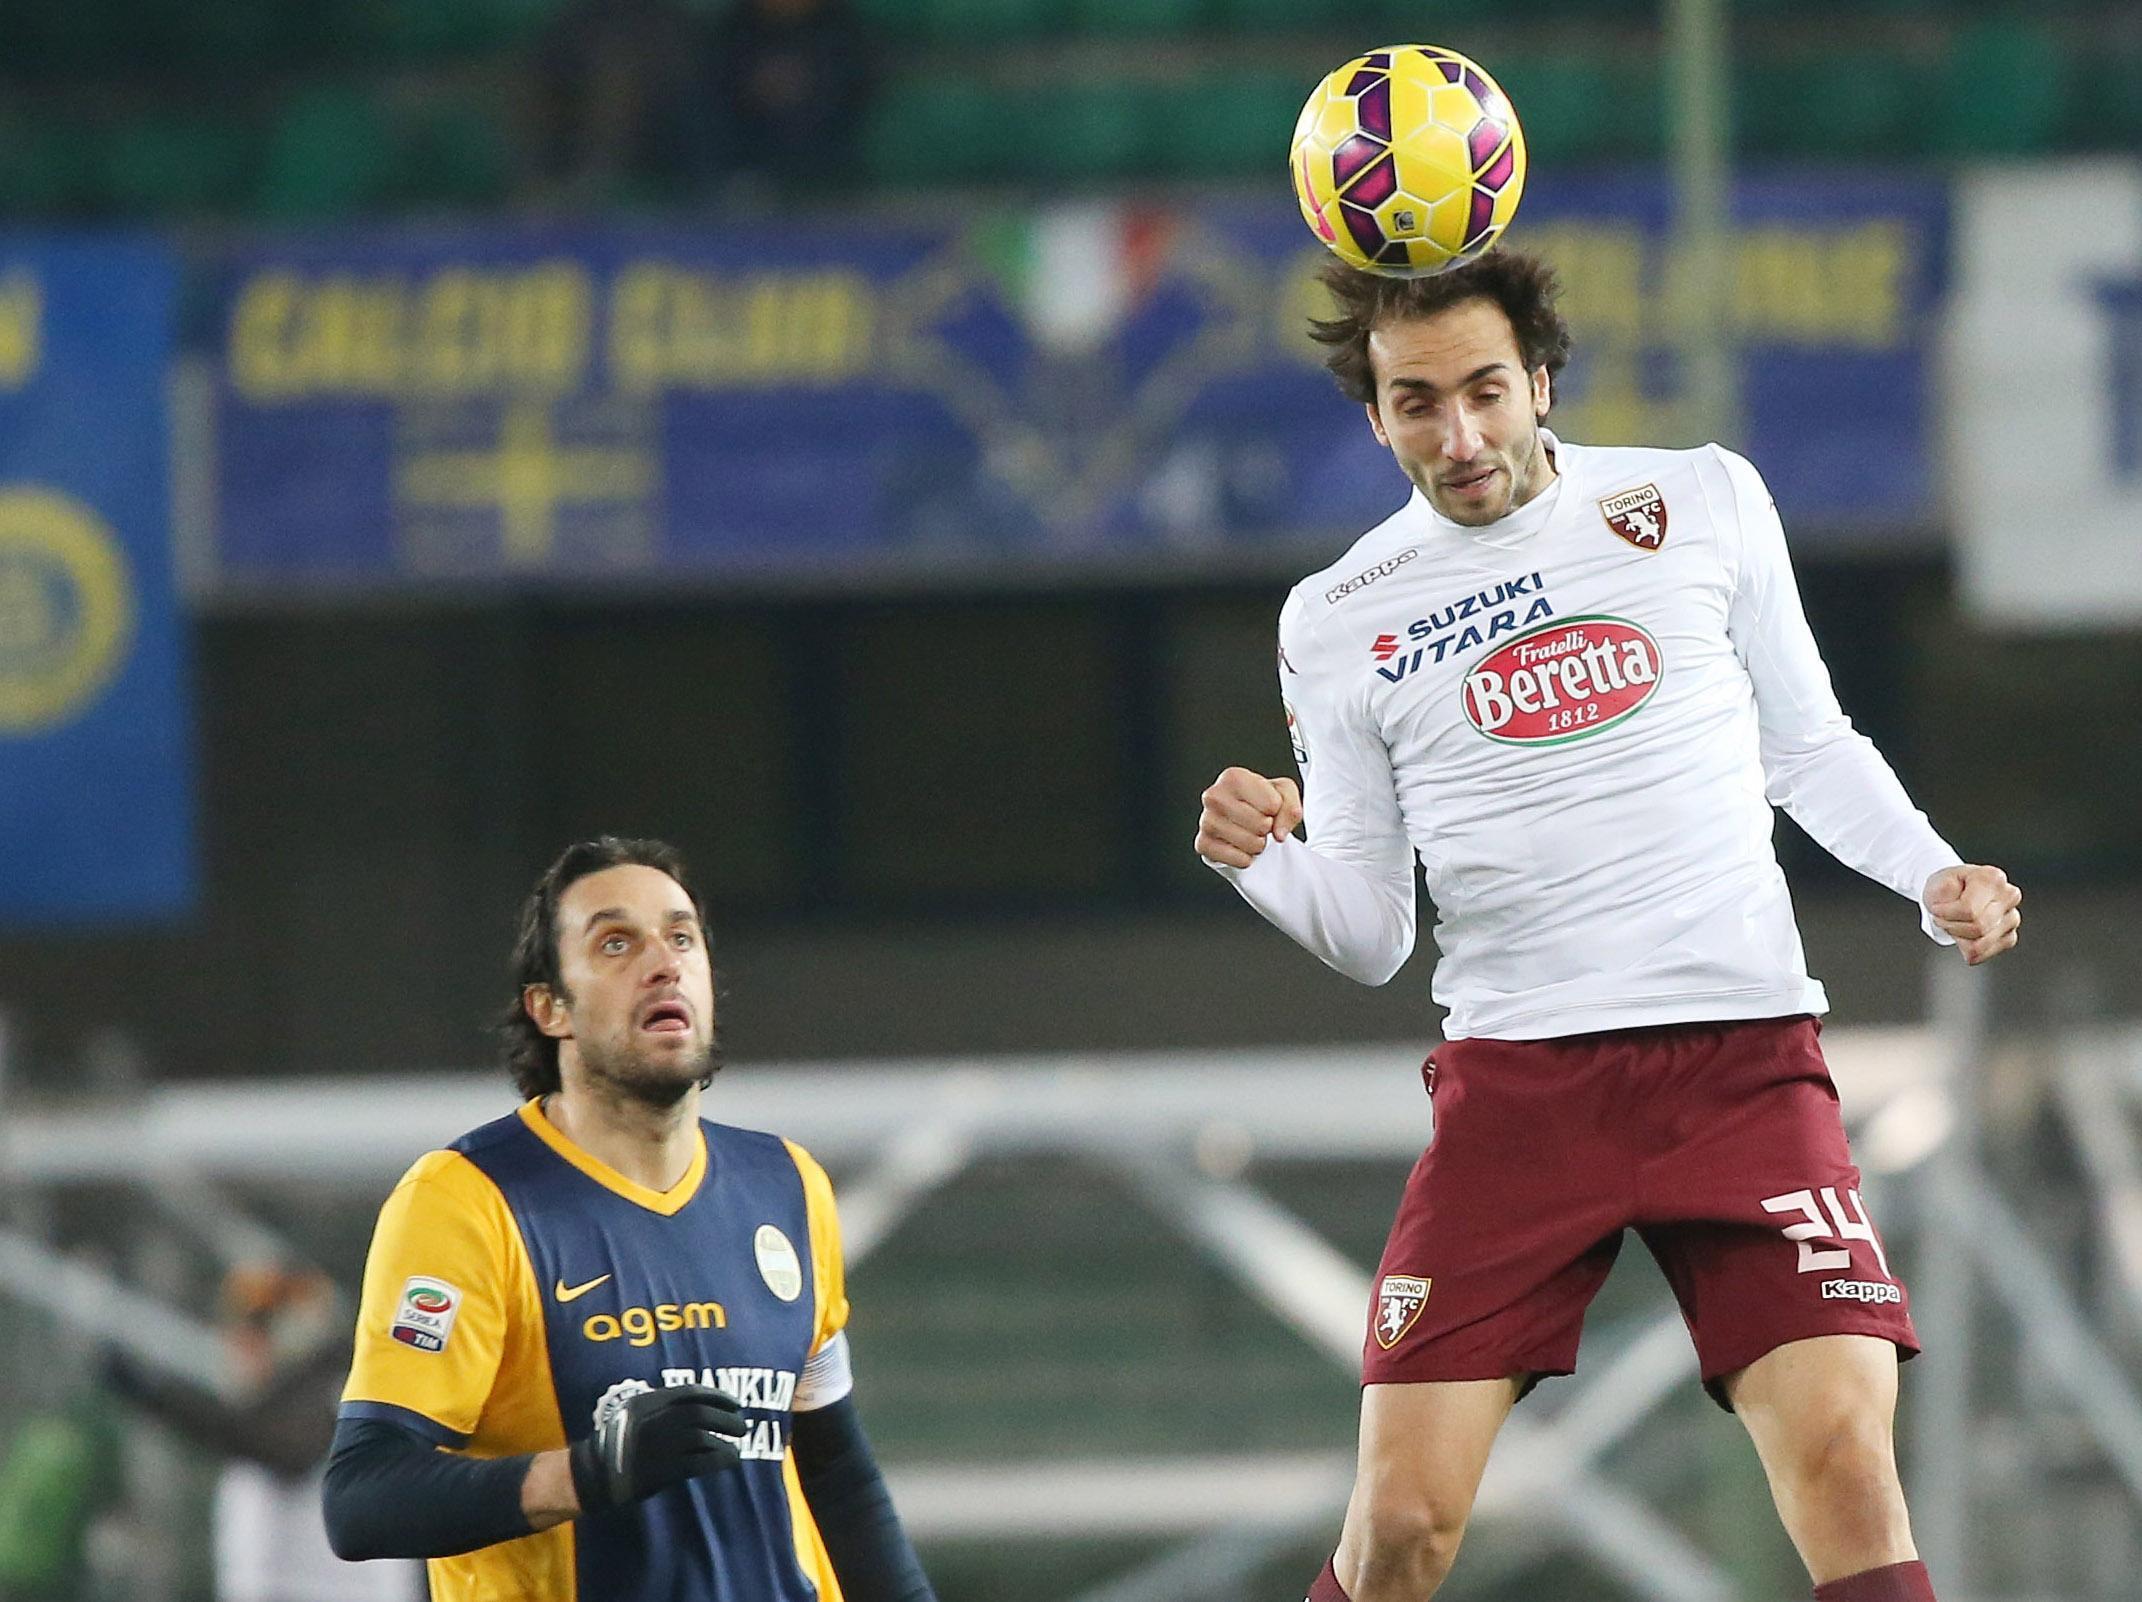 Nel primo anticipo della 22a giornata di Serie A, il Torino passa 3-1 al Bentegodi contro il Verona e ora mette nel mirino la zona Europa League. A sbloccare la gara è Martinez al 32'. La manovra dei veneti è prevedibile e il Toro raddoppia al 5' st con Quagliarella che realizza dagli 11 metri. Tardivo il gol di Toni (38' st), chiude El Kaddouri nel recupero. Per i granata è la 4a vittoria di fila, evento che non si verificava dal 1978.<br /><br />